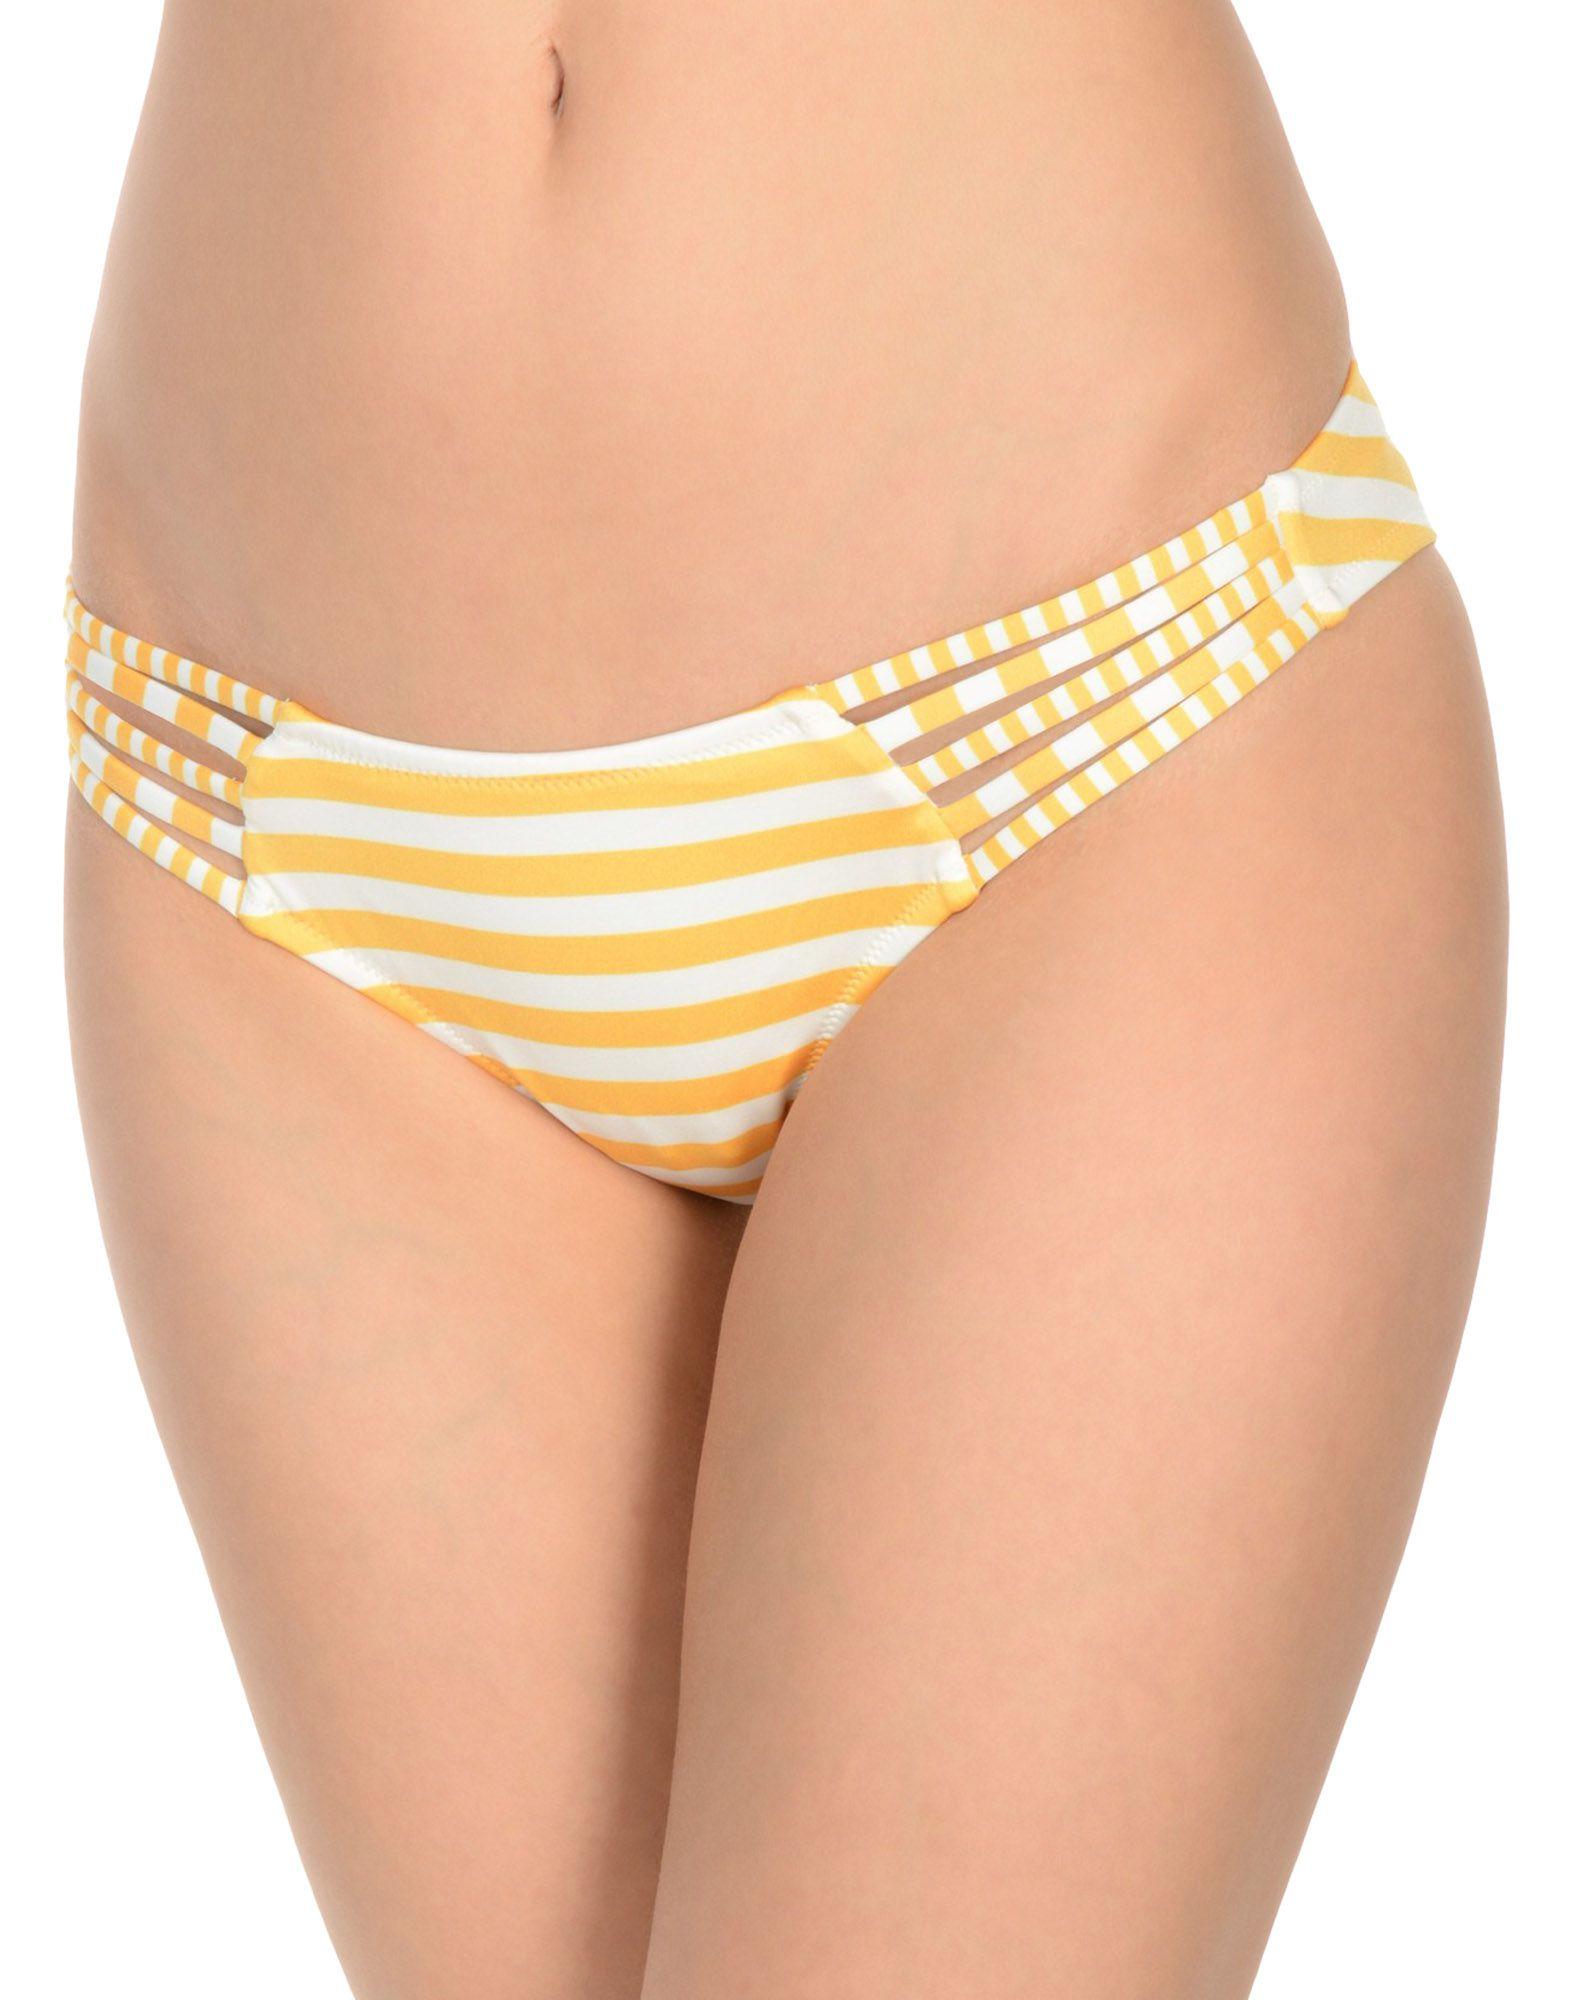 《送料無料》PAOLITA レディース 水着(ビキニパンツ) オレンジ XS ナイロン 80% / ポリウレタン 20%